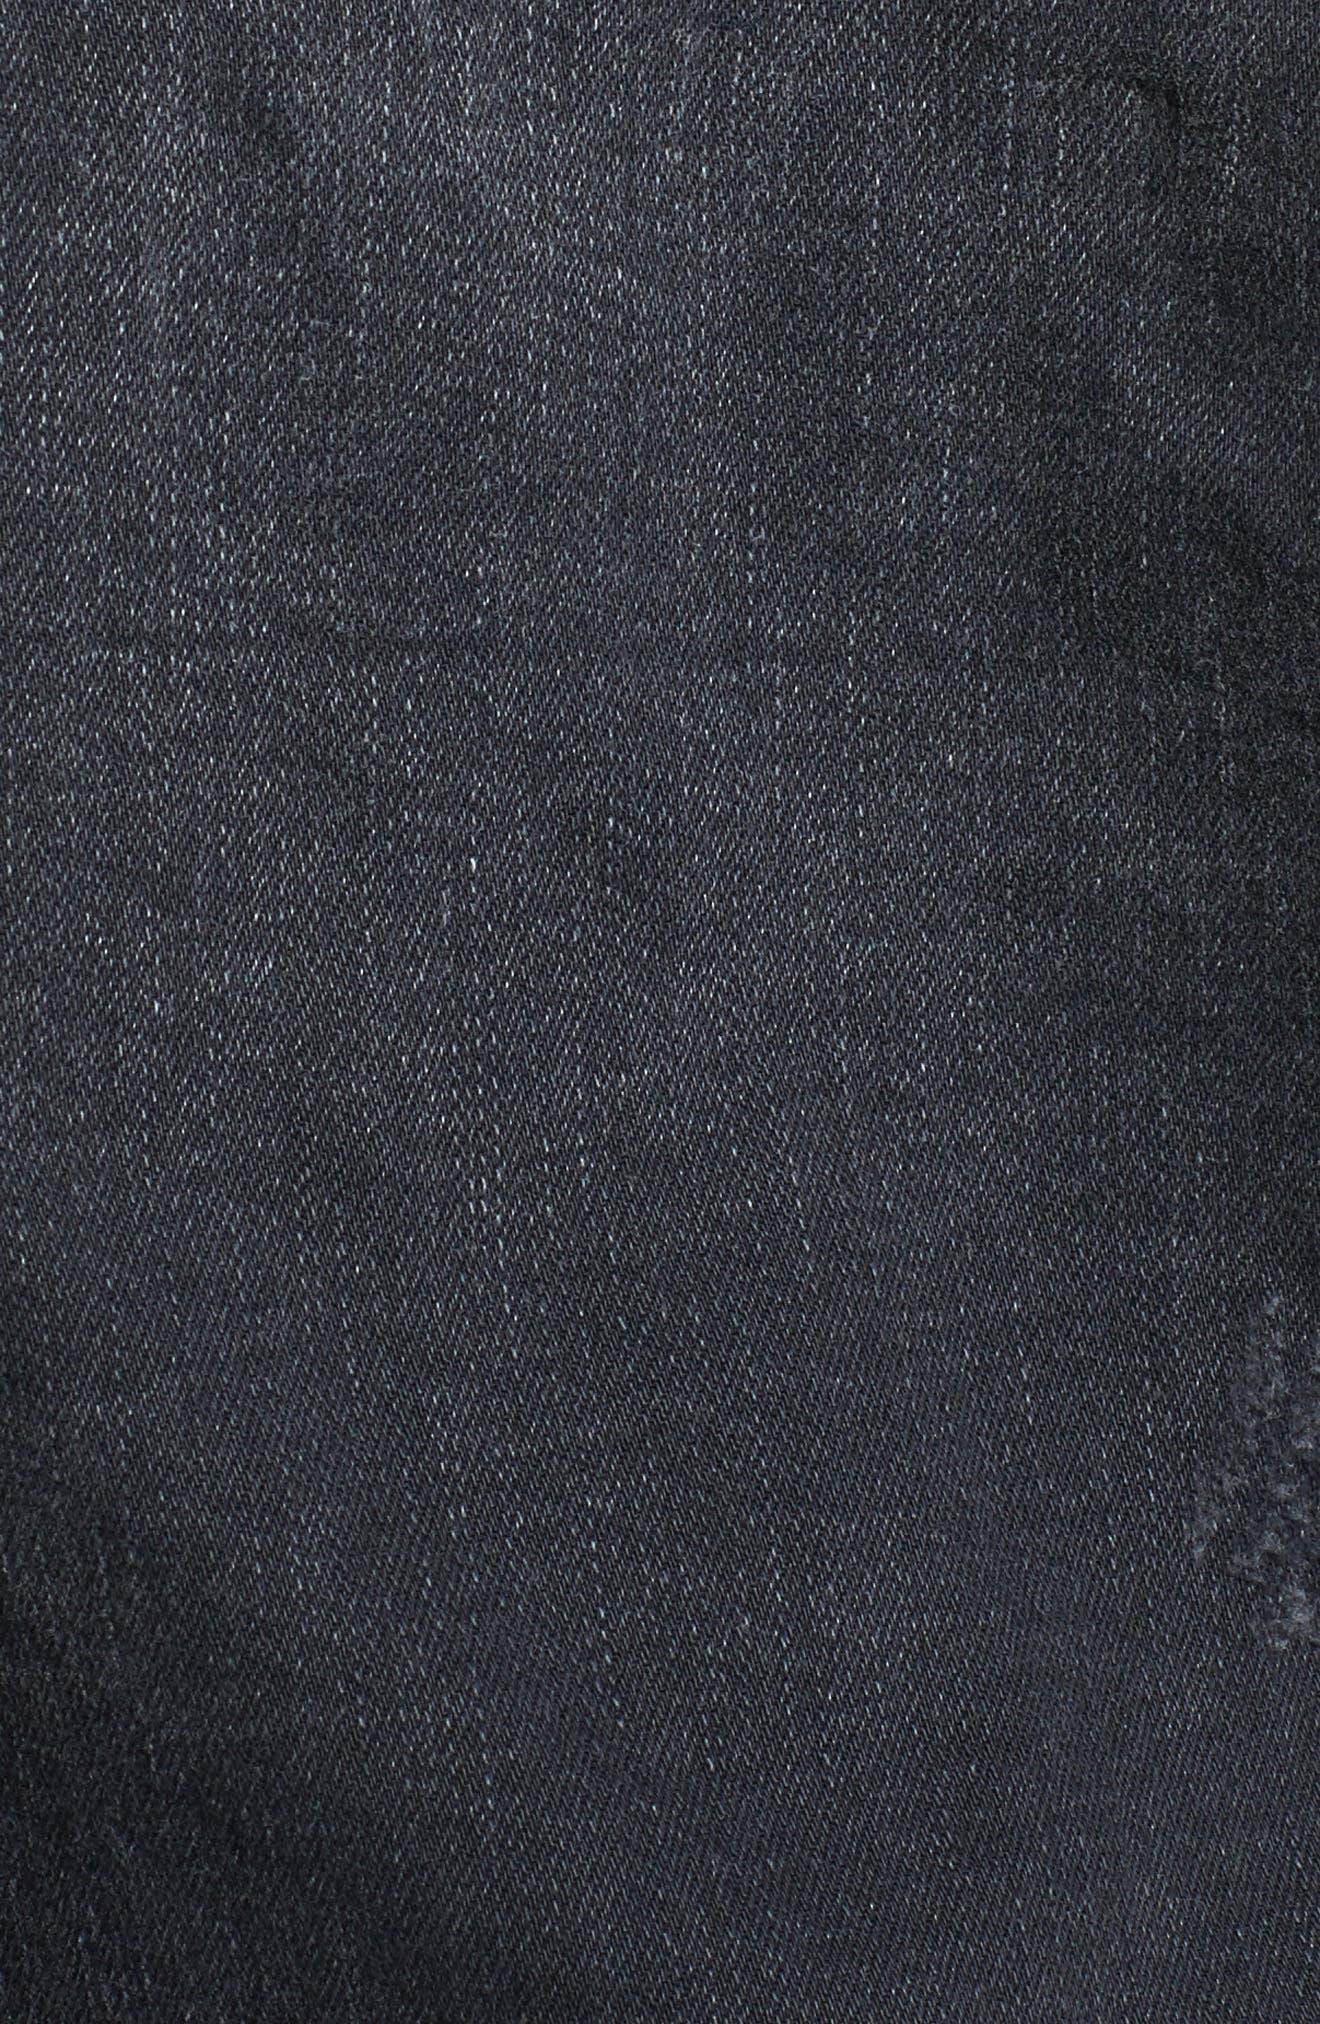 True Religion Danni Destroyed Denim Jacket,                             Alternate thumbnail 5, color,                             Backstage Destroy